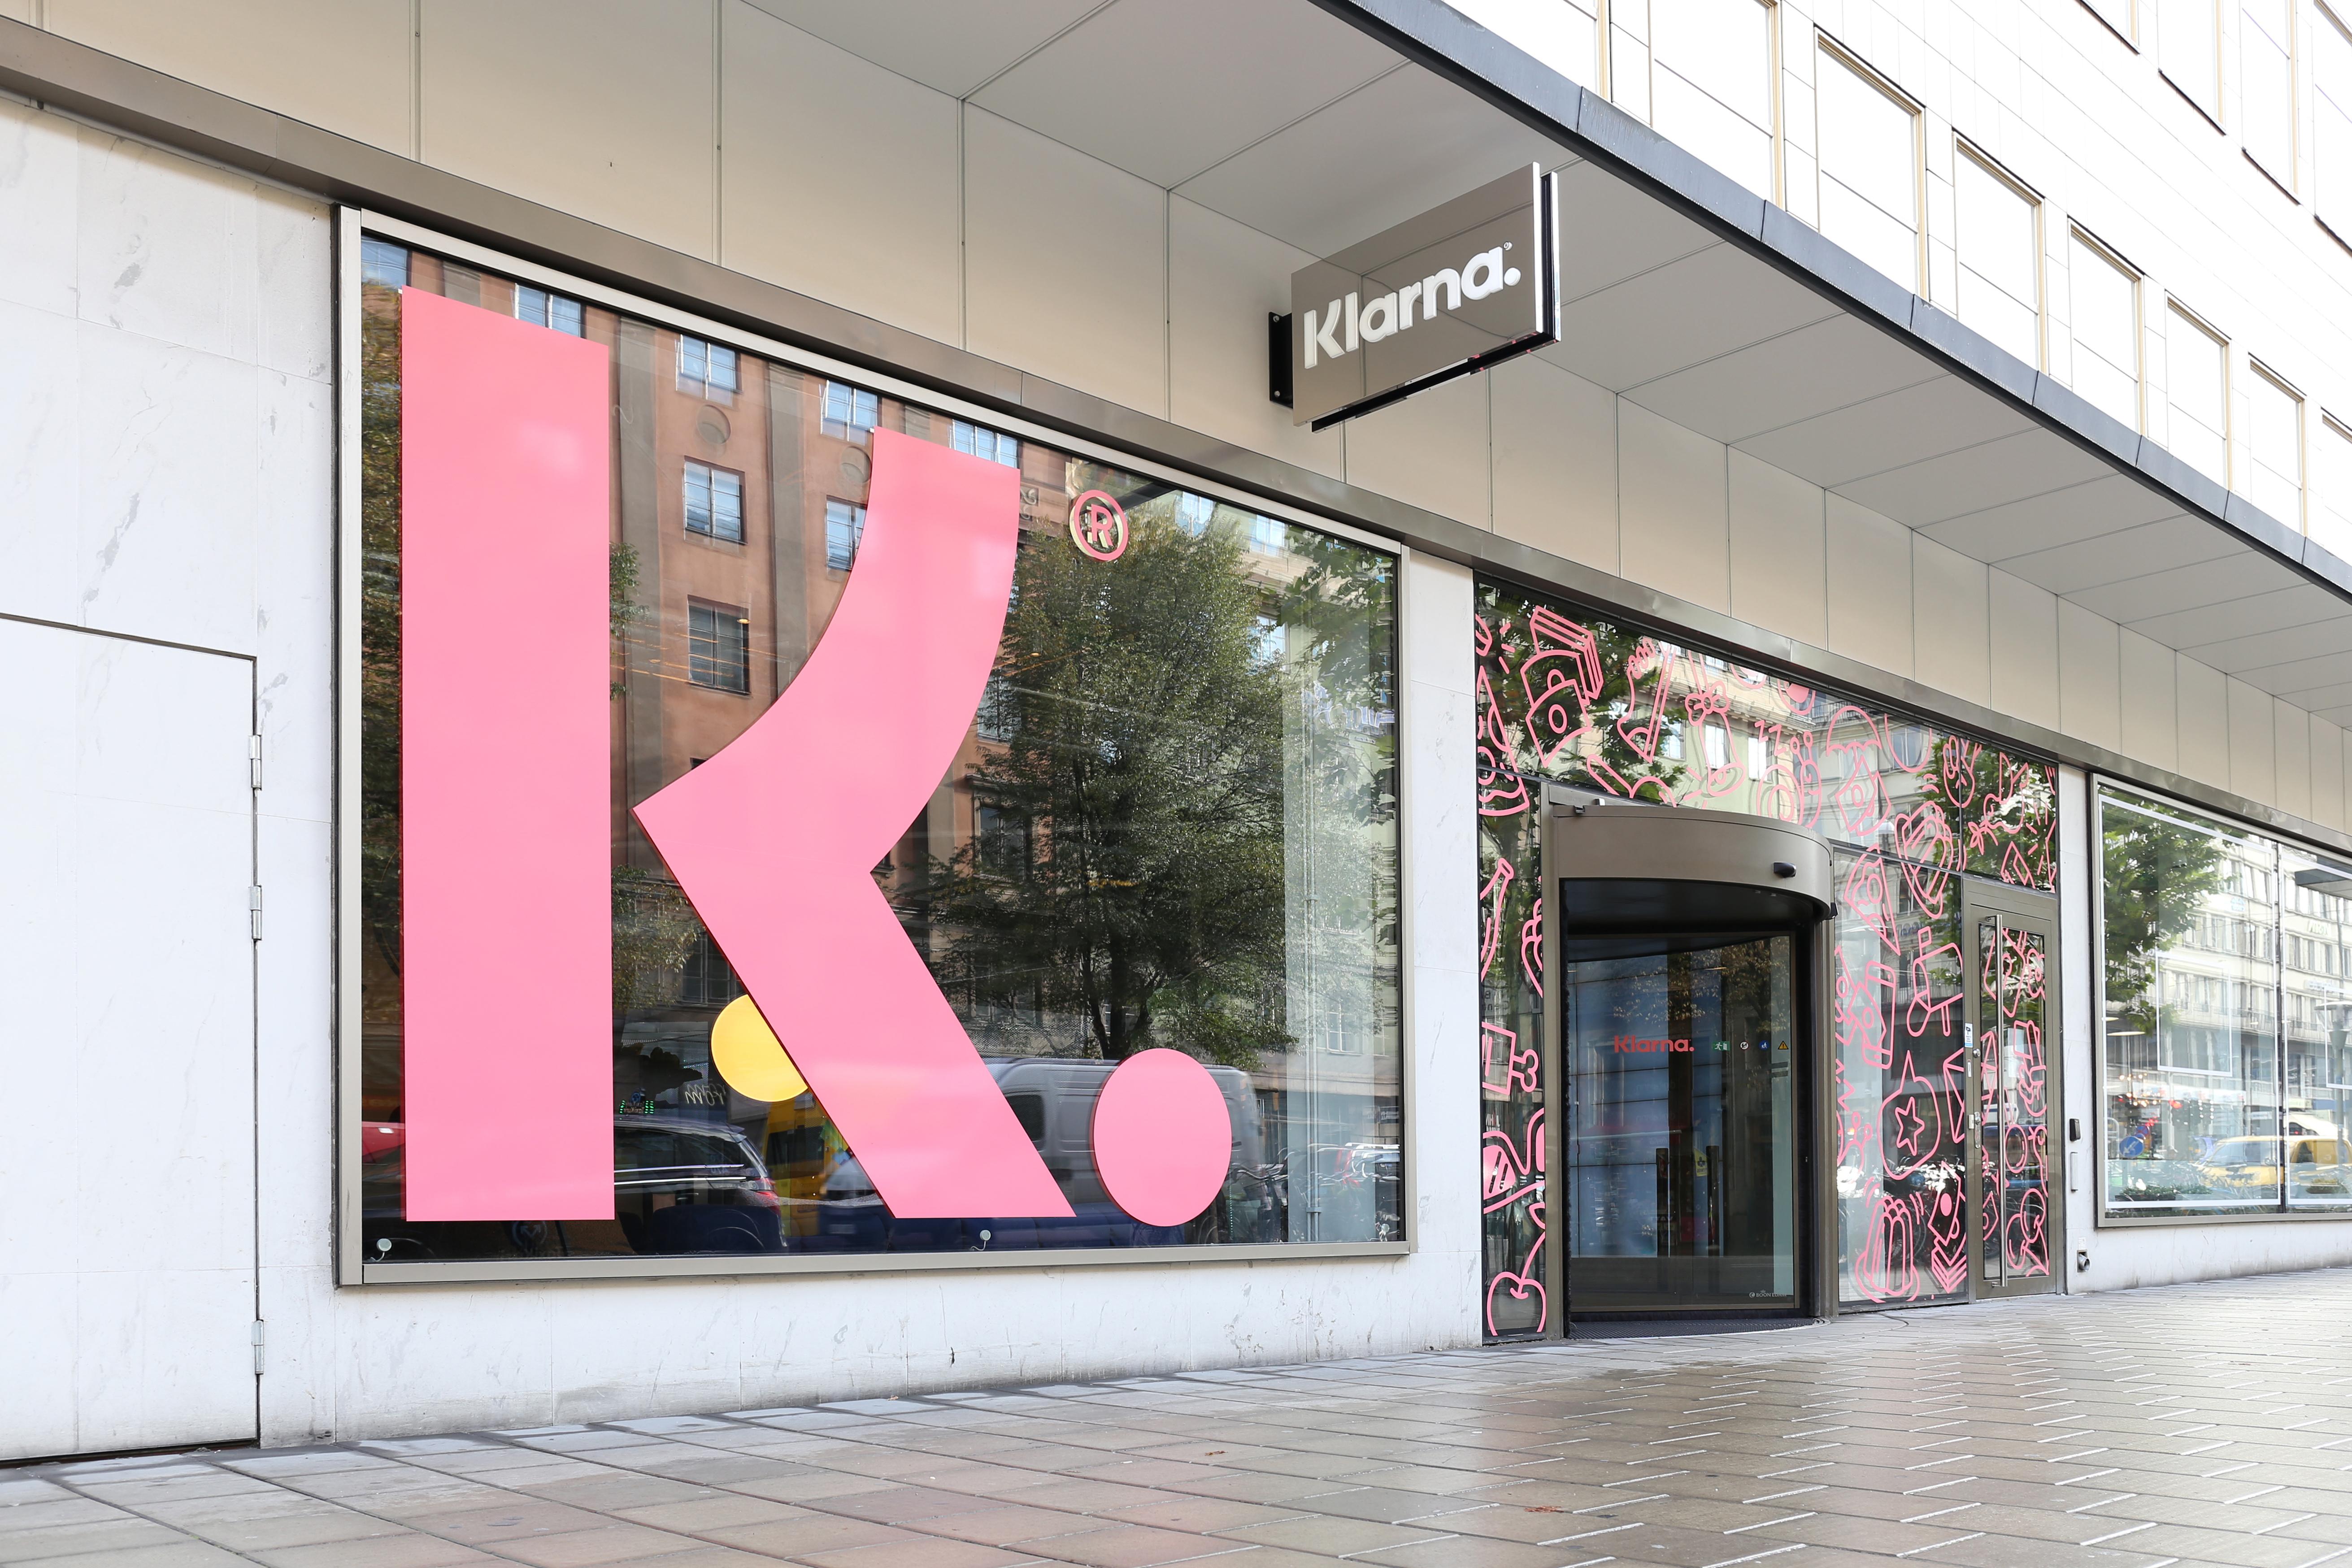 erfolgreiche zusammenarbeit: fashion-shop na-kd und klarna